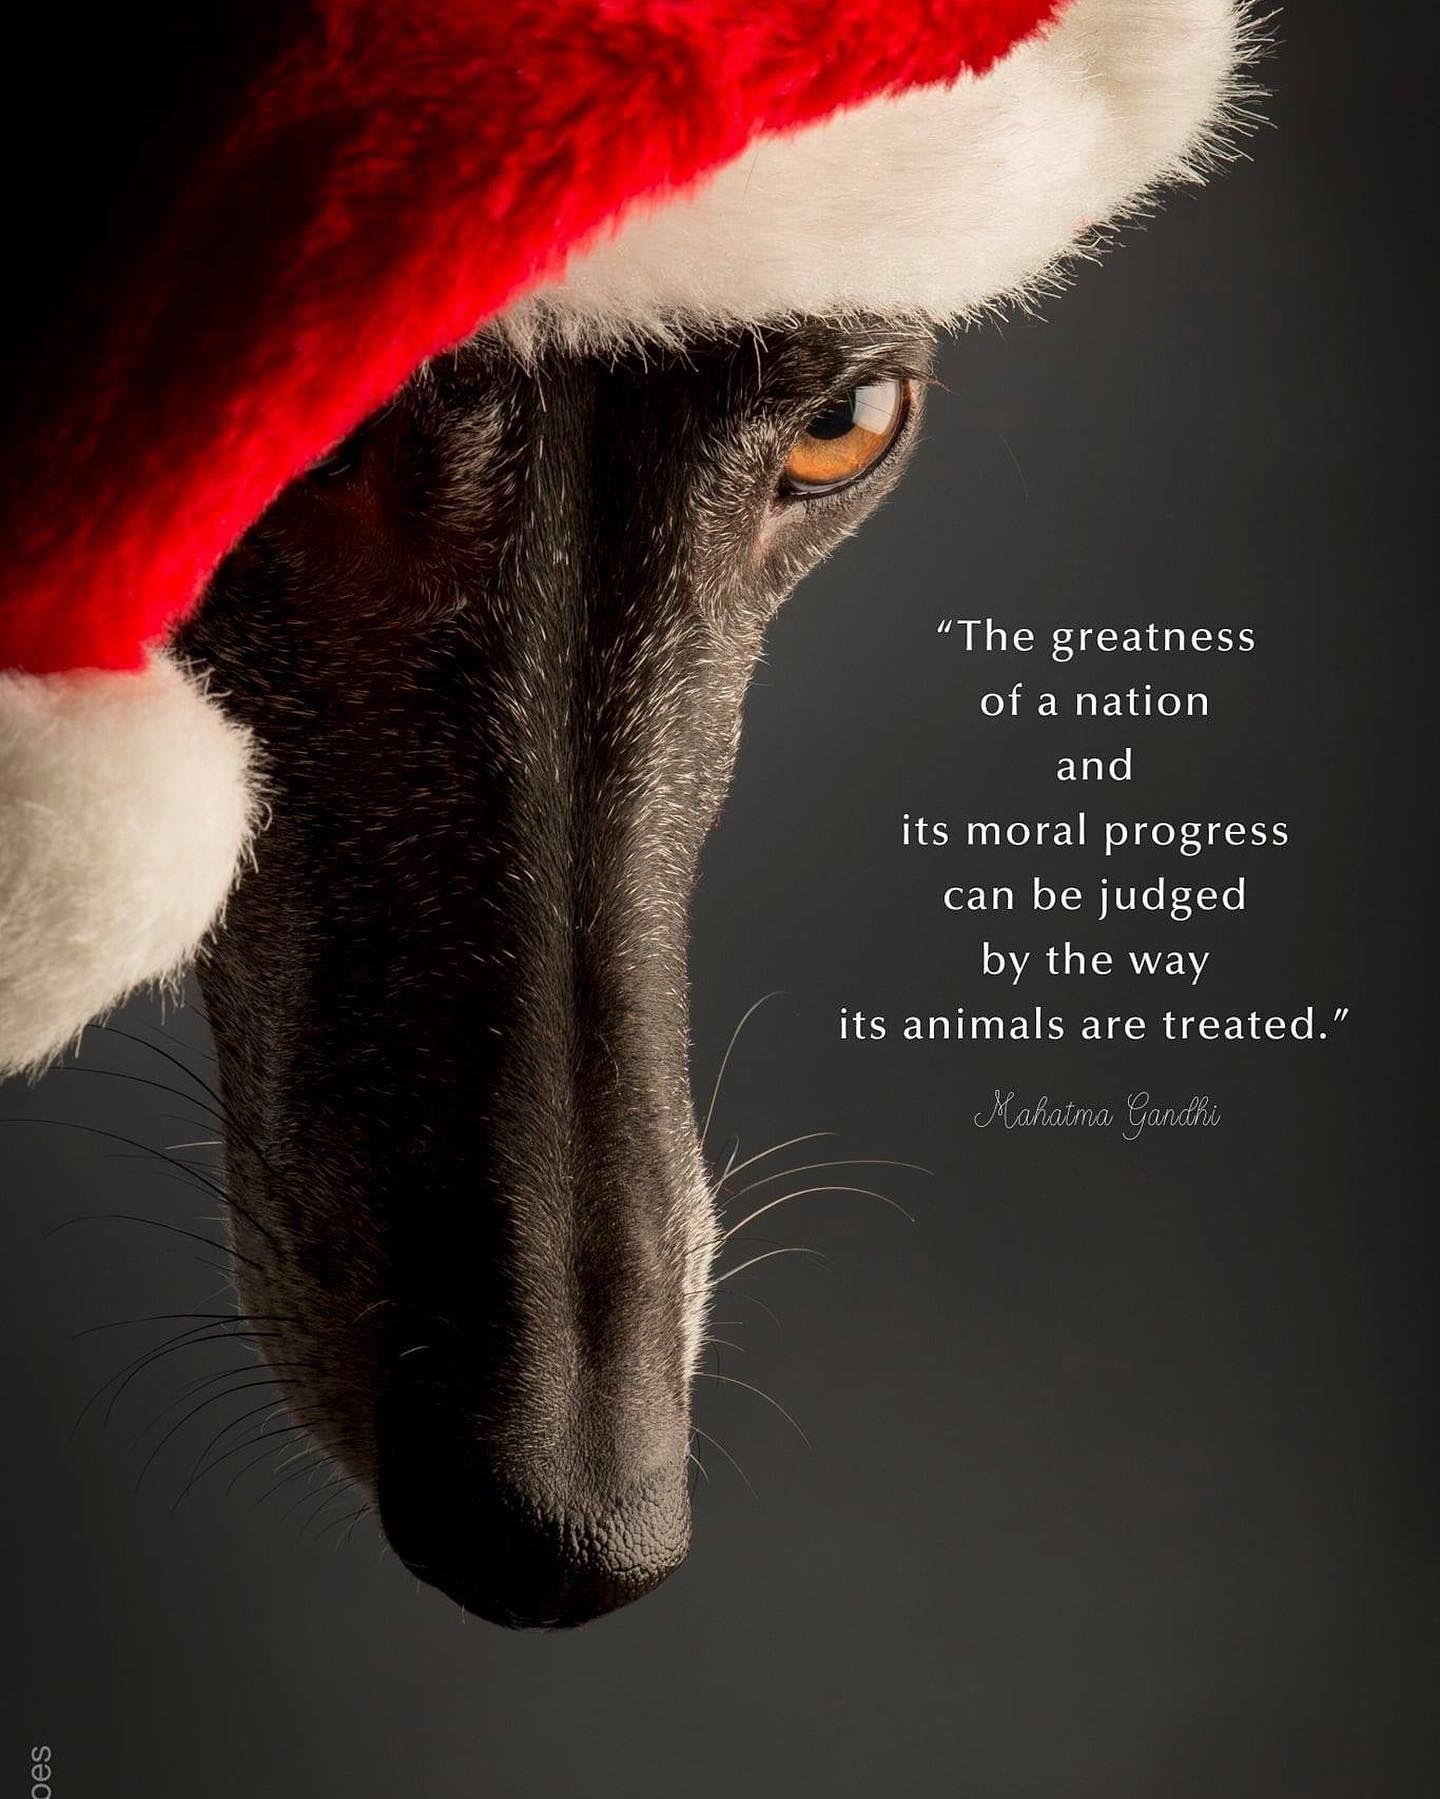 Merry Christmas  #galgo #sighthounds #sighthound #doglover #animallovers #galgolovers #love #christmas #merrychristmas #xmasday #dogphotography #greatmodel #instadog #galgoespañol #doglife #dogportrait #dogstagram #dogphotographer #photography #christmashat